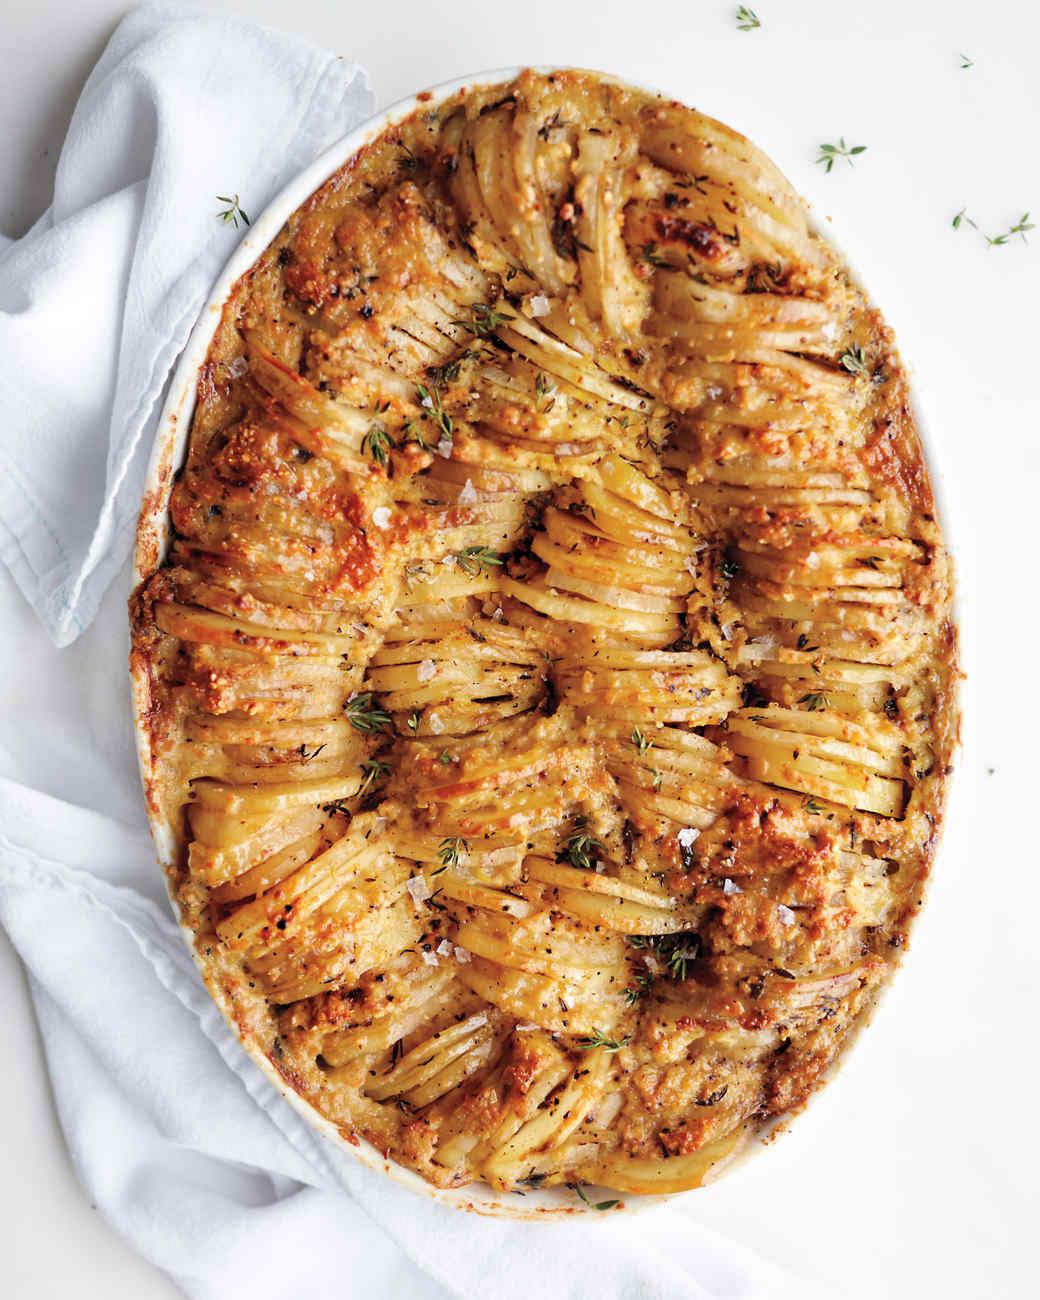 our 17 best passover seder recipes | martha stewart